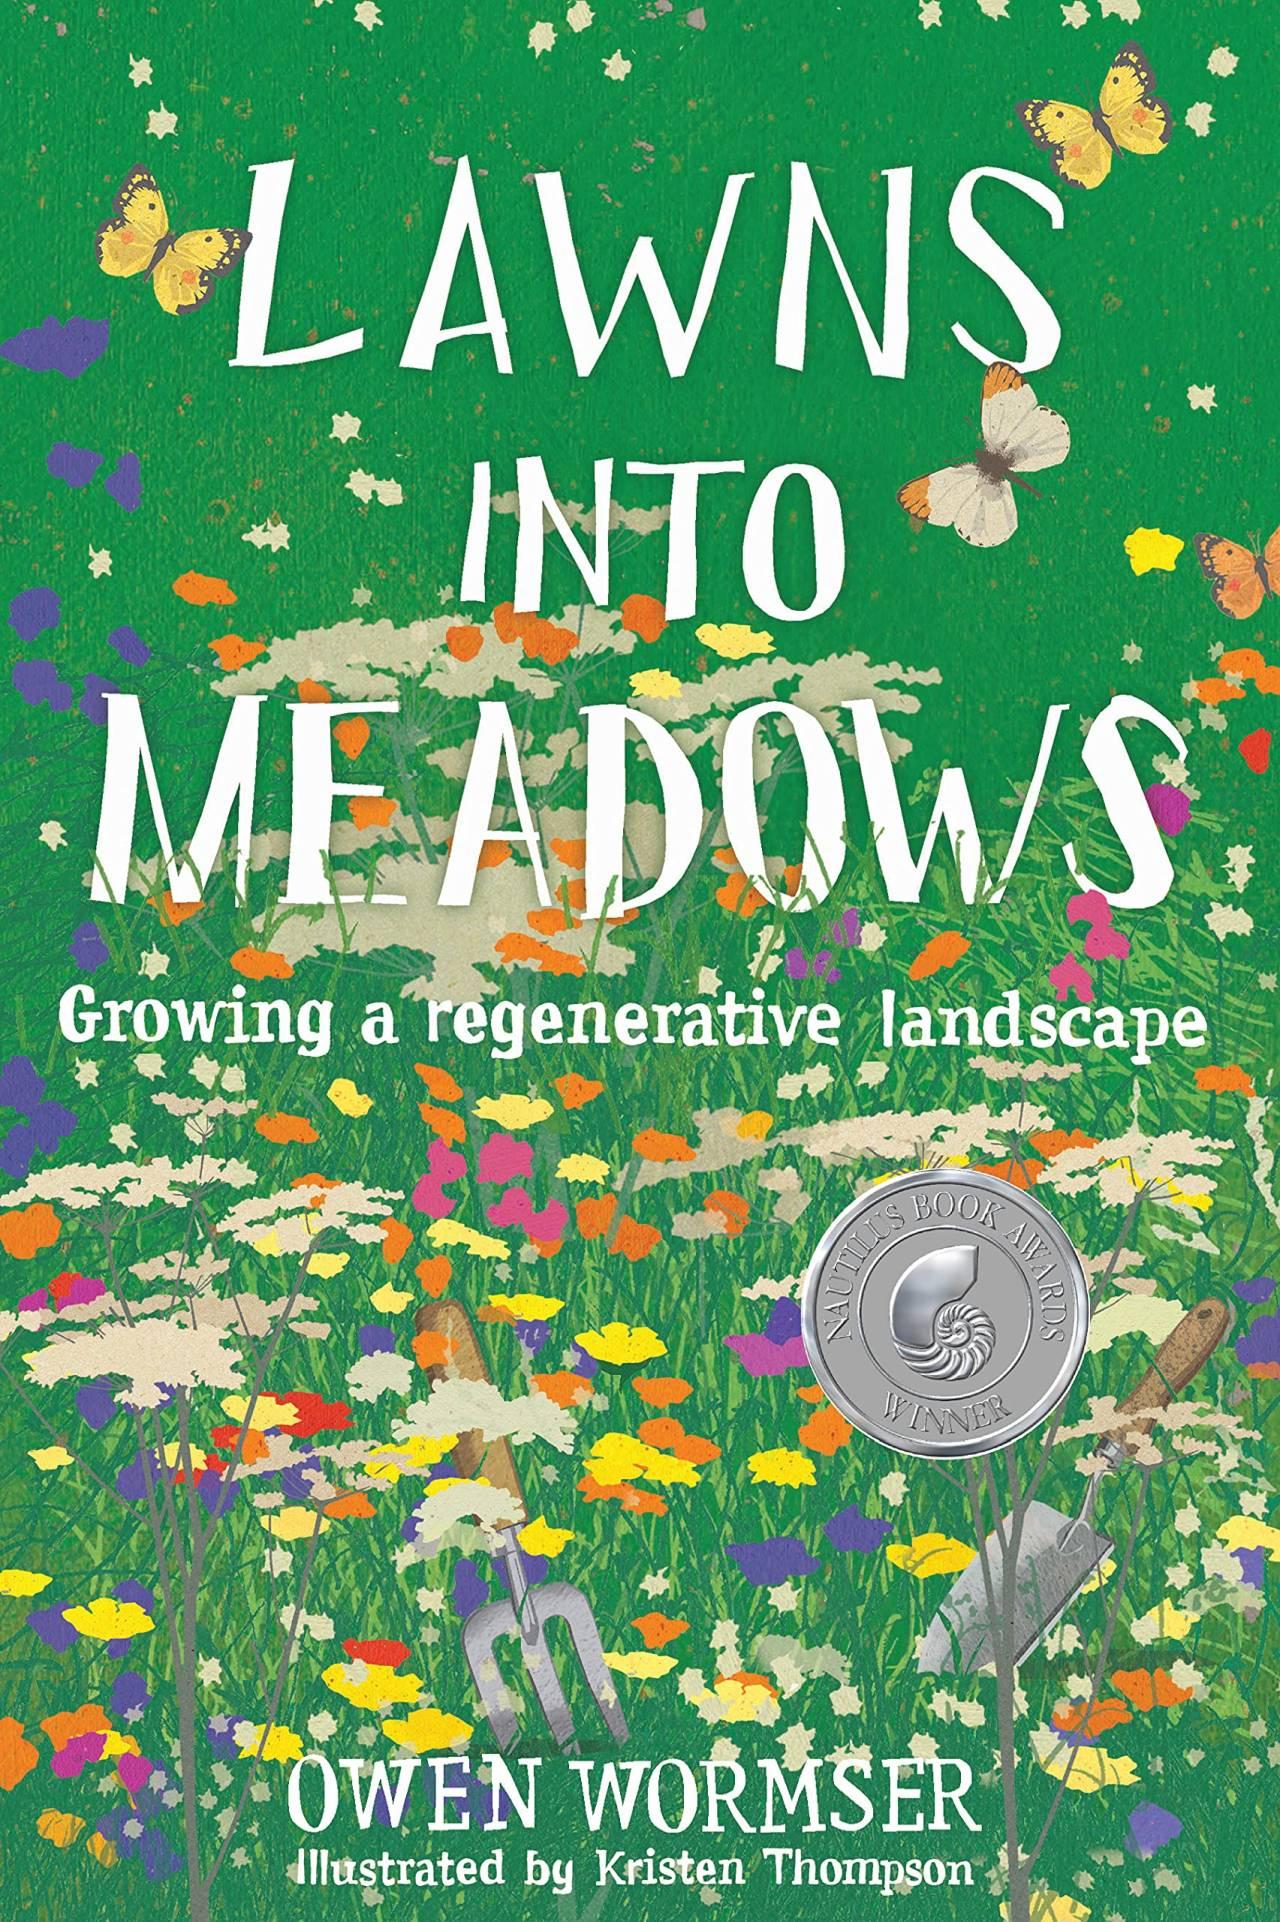 Portada del libro donde se muestra el titulo en la mitad y varias plantas y herramientas de jardineria dentras del titulo por toda la portada